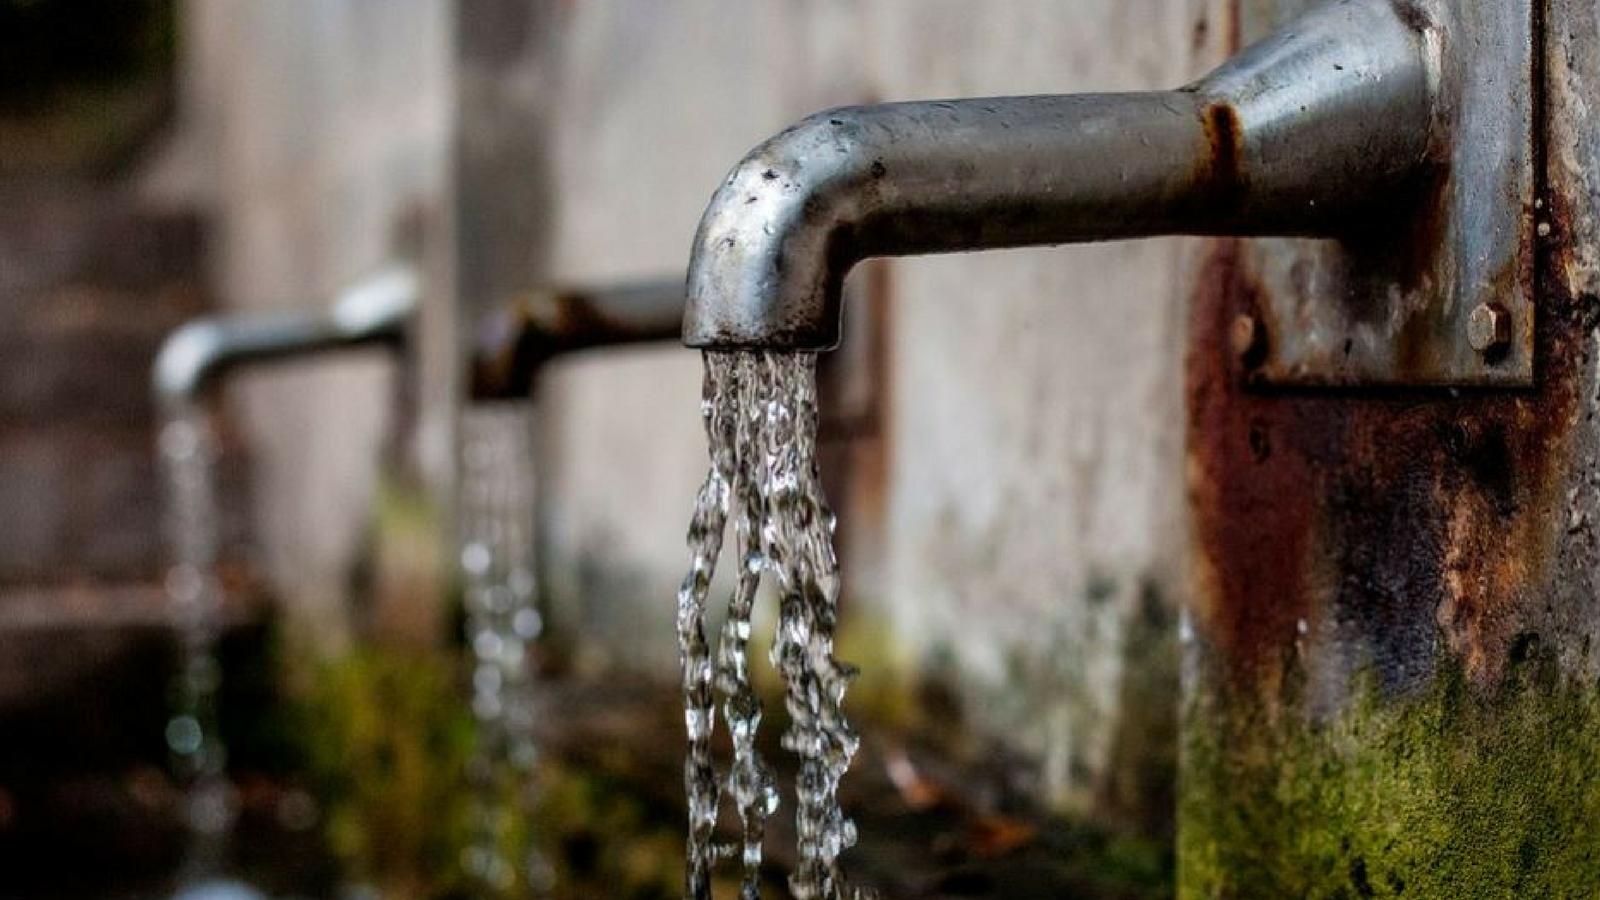 En estas regiones del planeta hay más riesgo de consumo de agua contaminada por arsénico